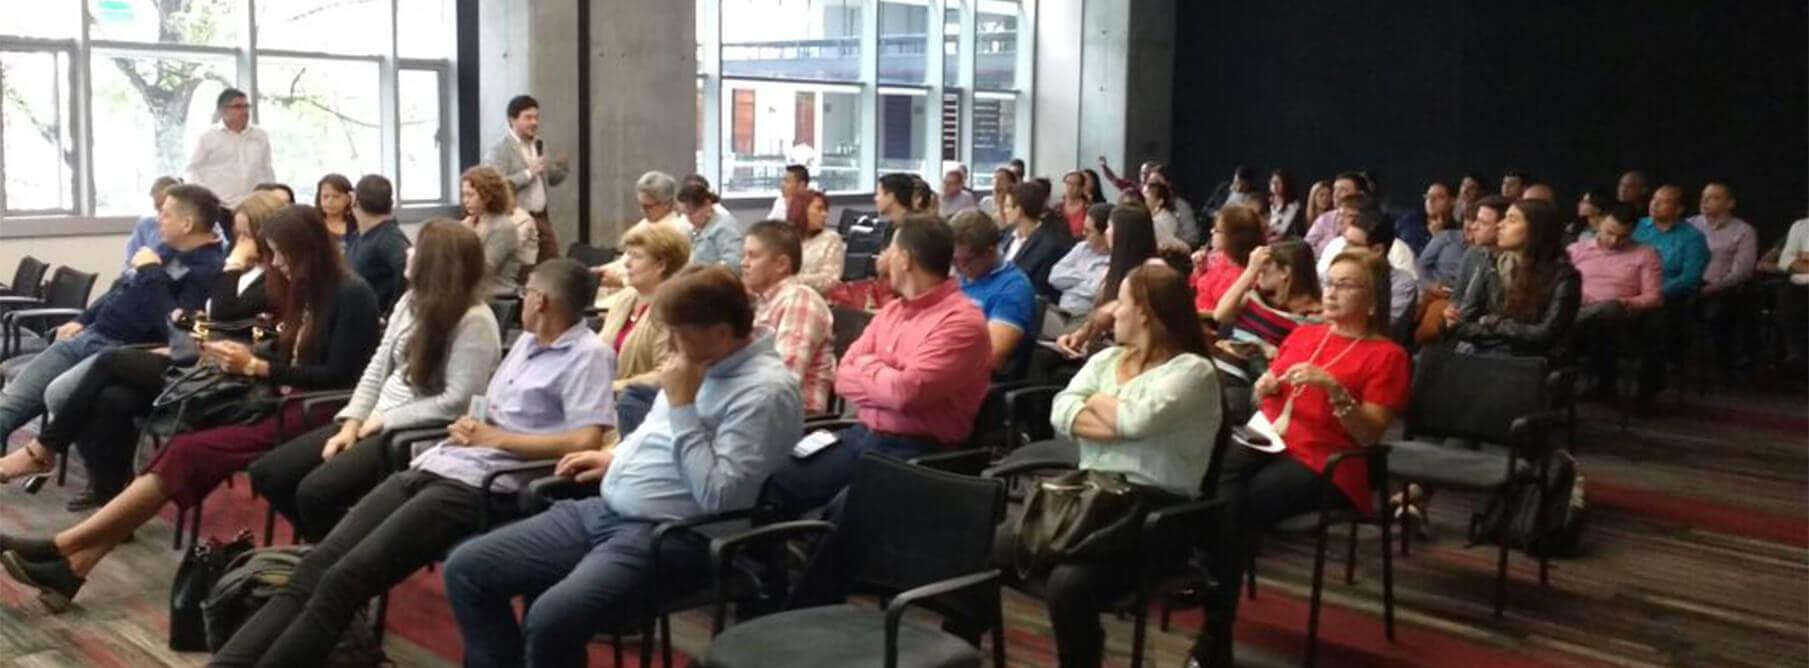 Auditorio Milla de Oro Medellín - Estás donde quieres estar